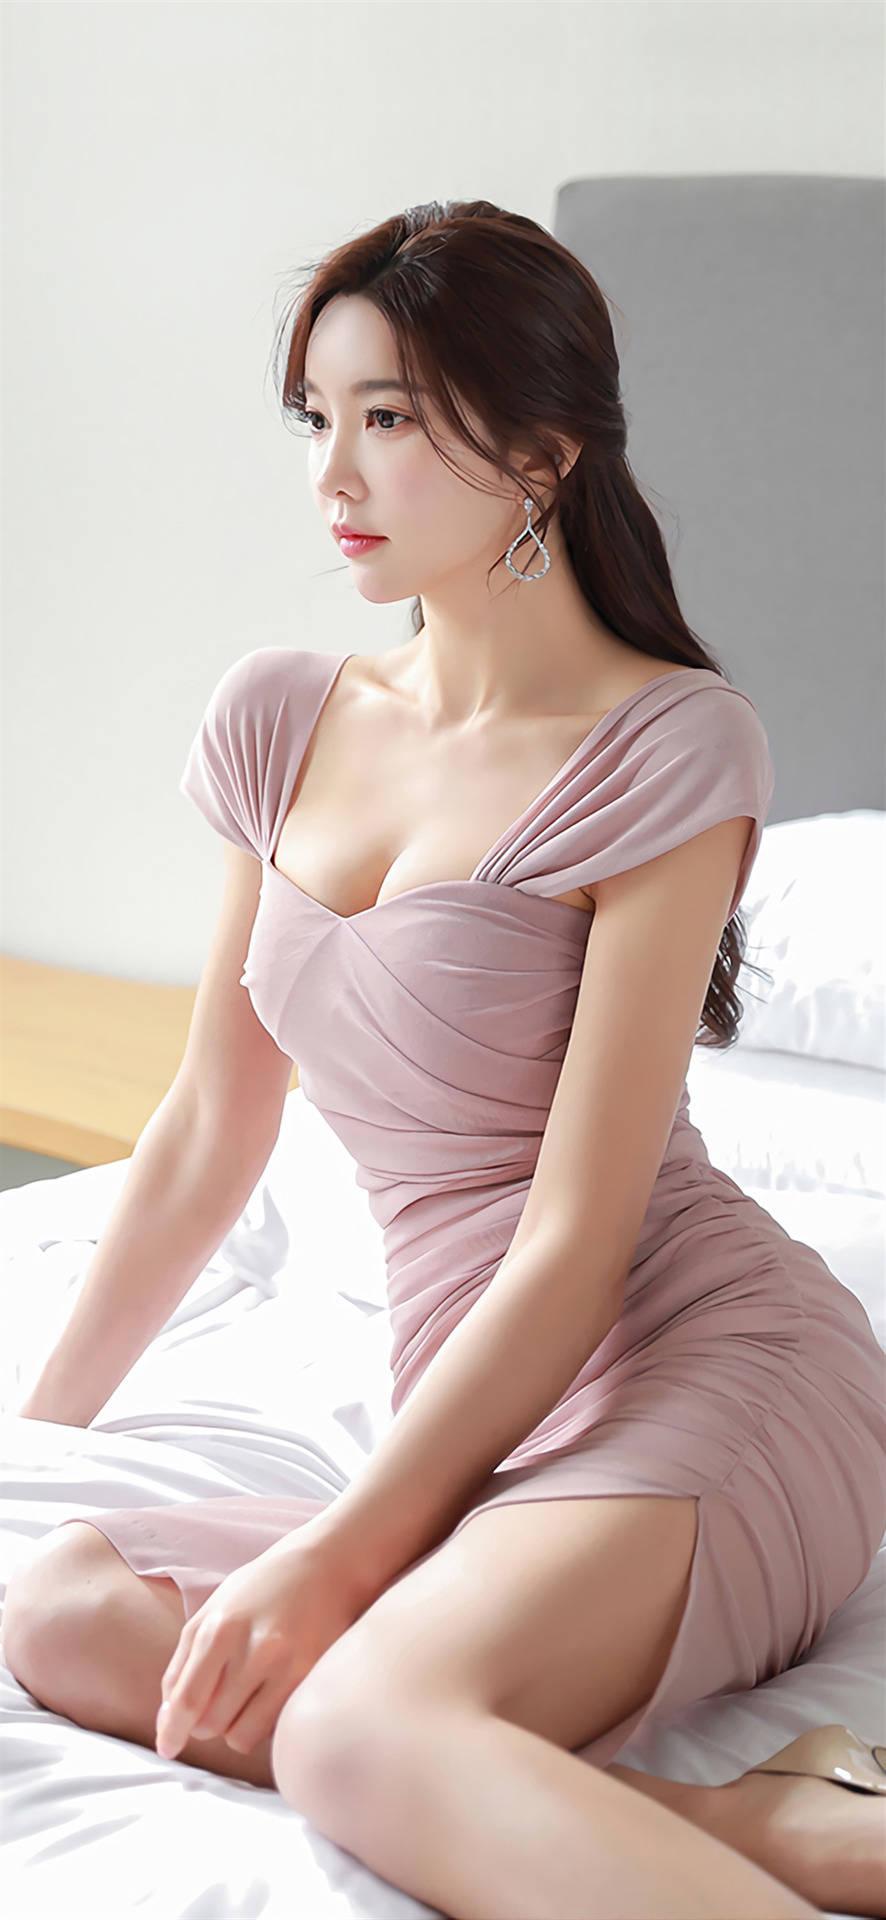 韩国美女孙允珠 时尚就是简单的装扮,简约的风格